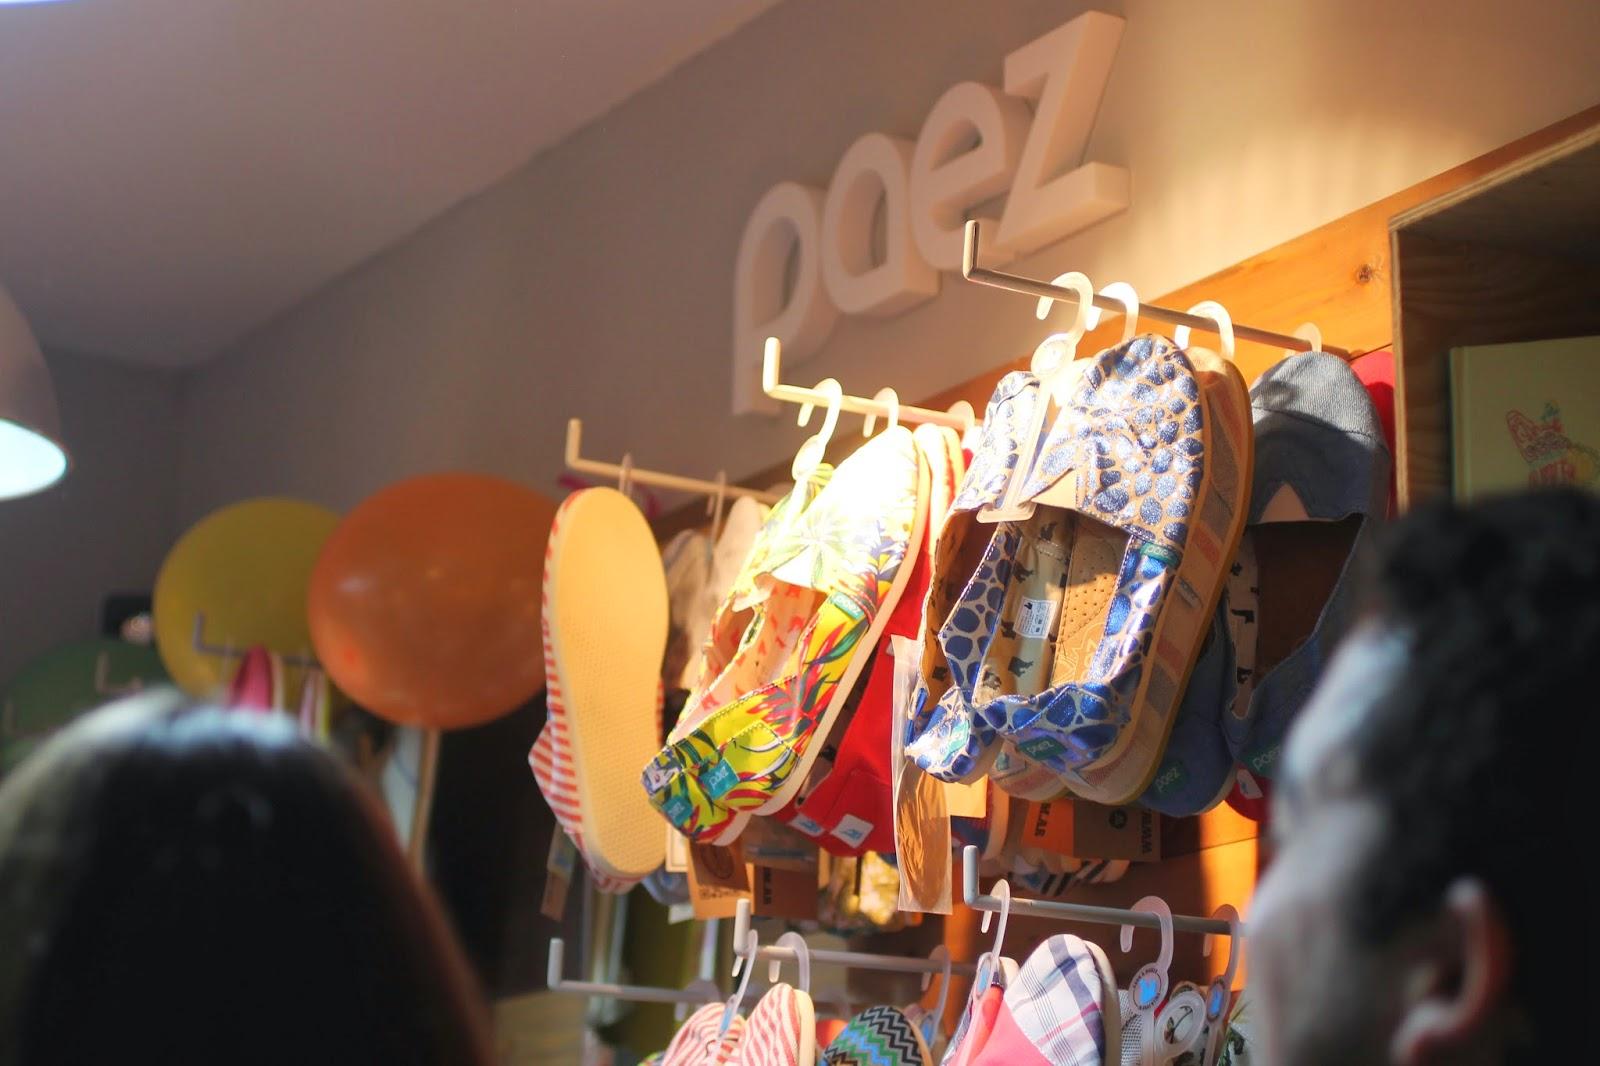 alpargatas Paez ha abierto en Zaragoza su primera tienda. Un pequeño local lleno de buen rollo y color por todas partes. La marca nació en Buenos Aires